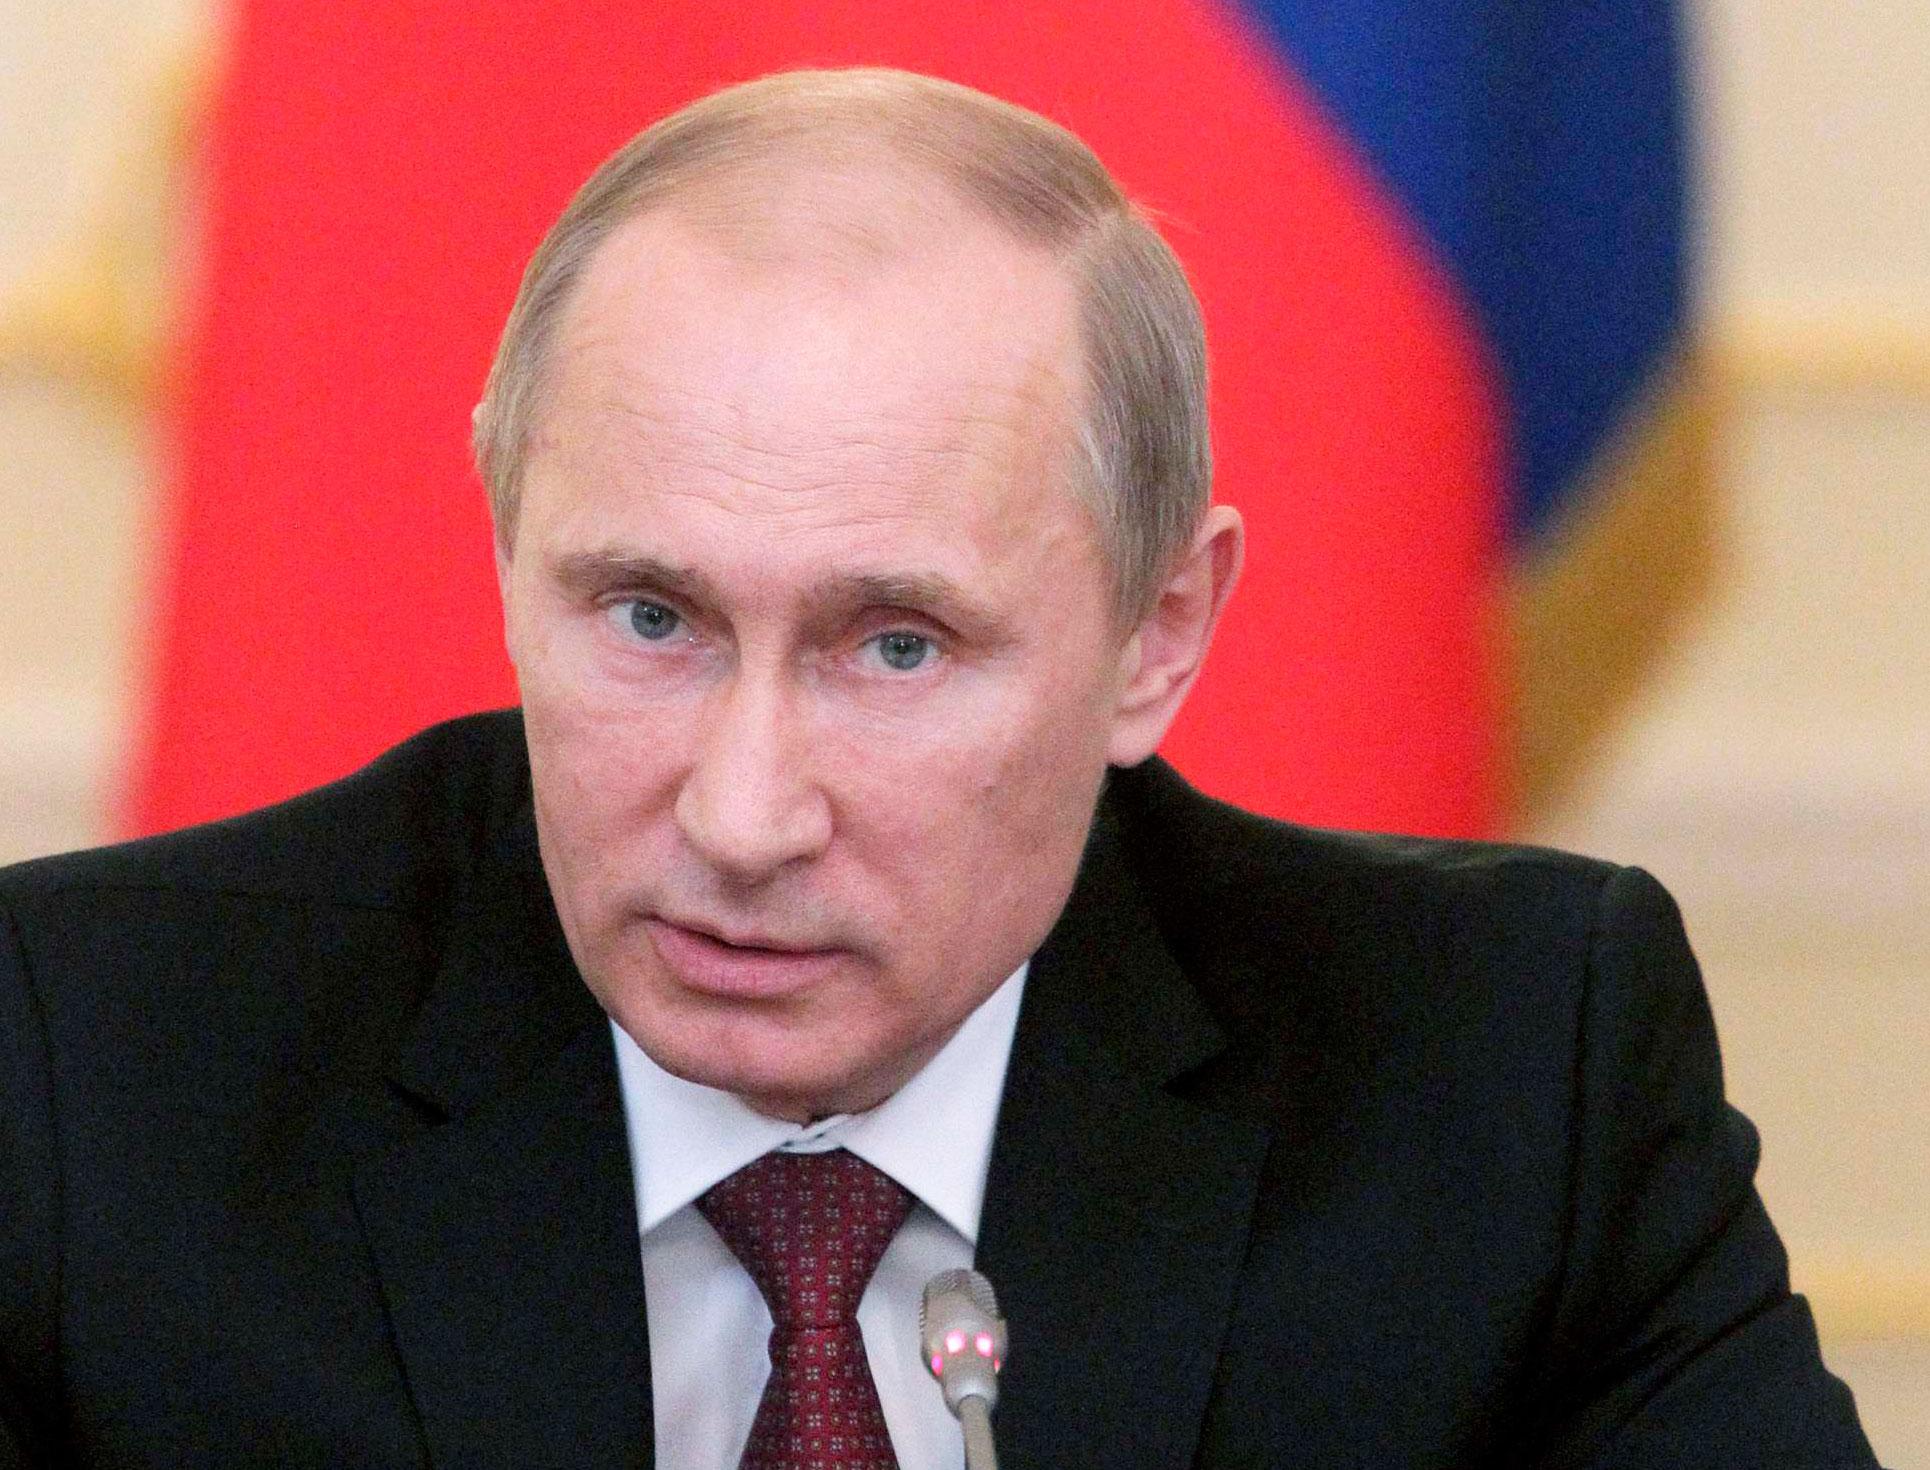 Η σοβιετική μελωδία του Πούτιν (βίντεο)